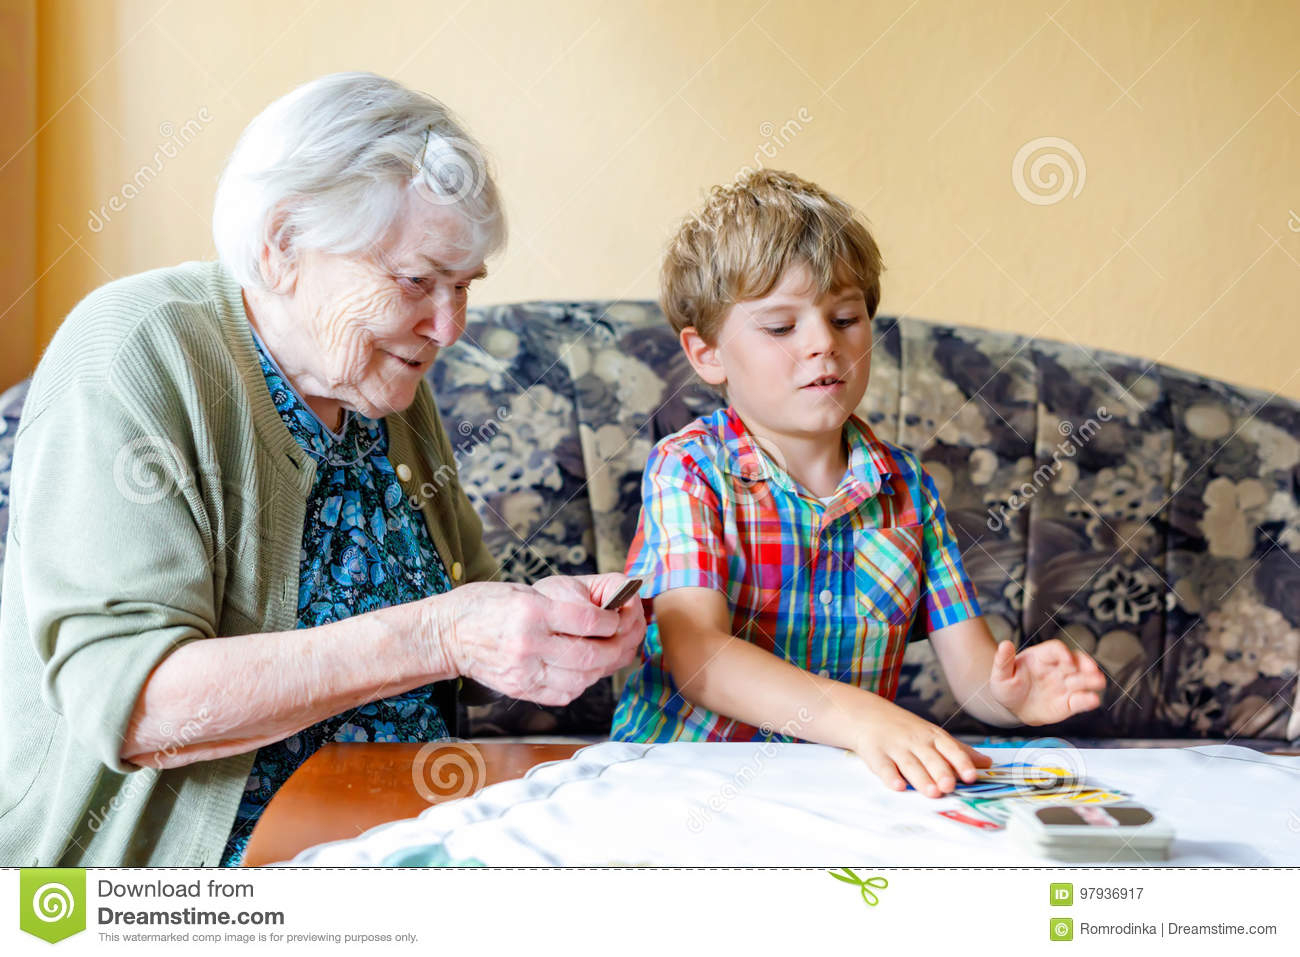 Petit Garçon Préscolaire Actif D'enfant Et Grand-Mère Grande intérieur Jeux De Grand Garçon